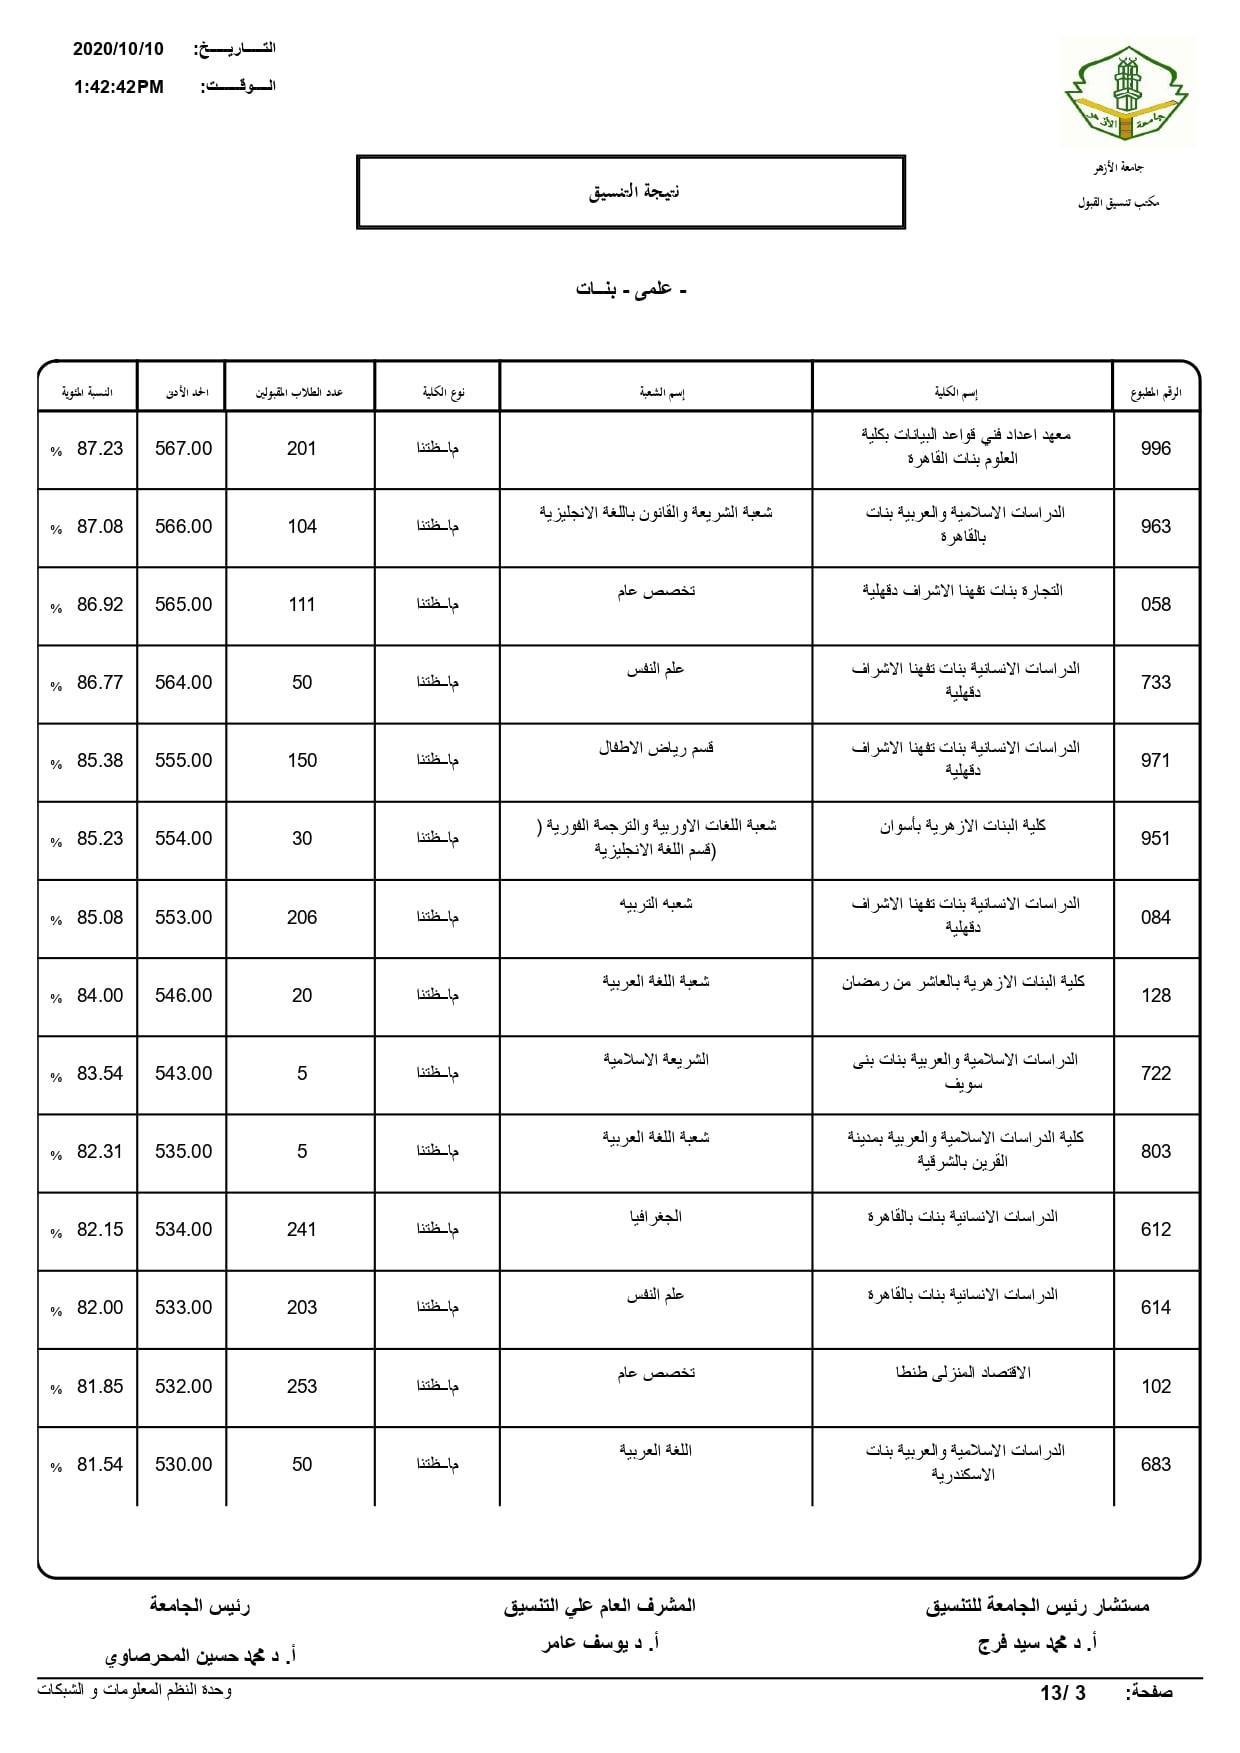 نتيجة تنسيق كليات جامعة الأزهر لعام 2020 بالكامل 20201010203234600